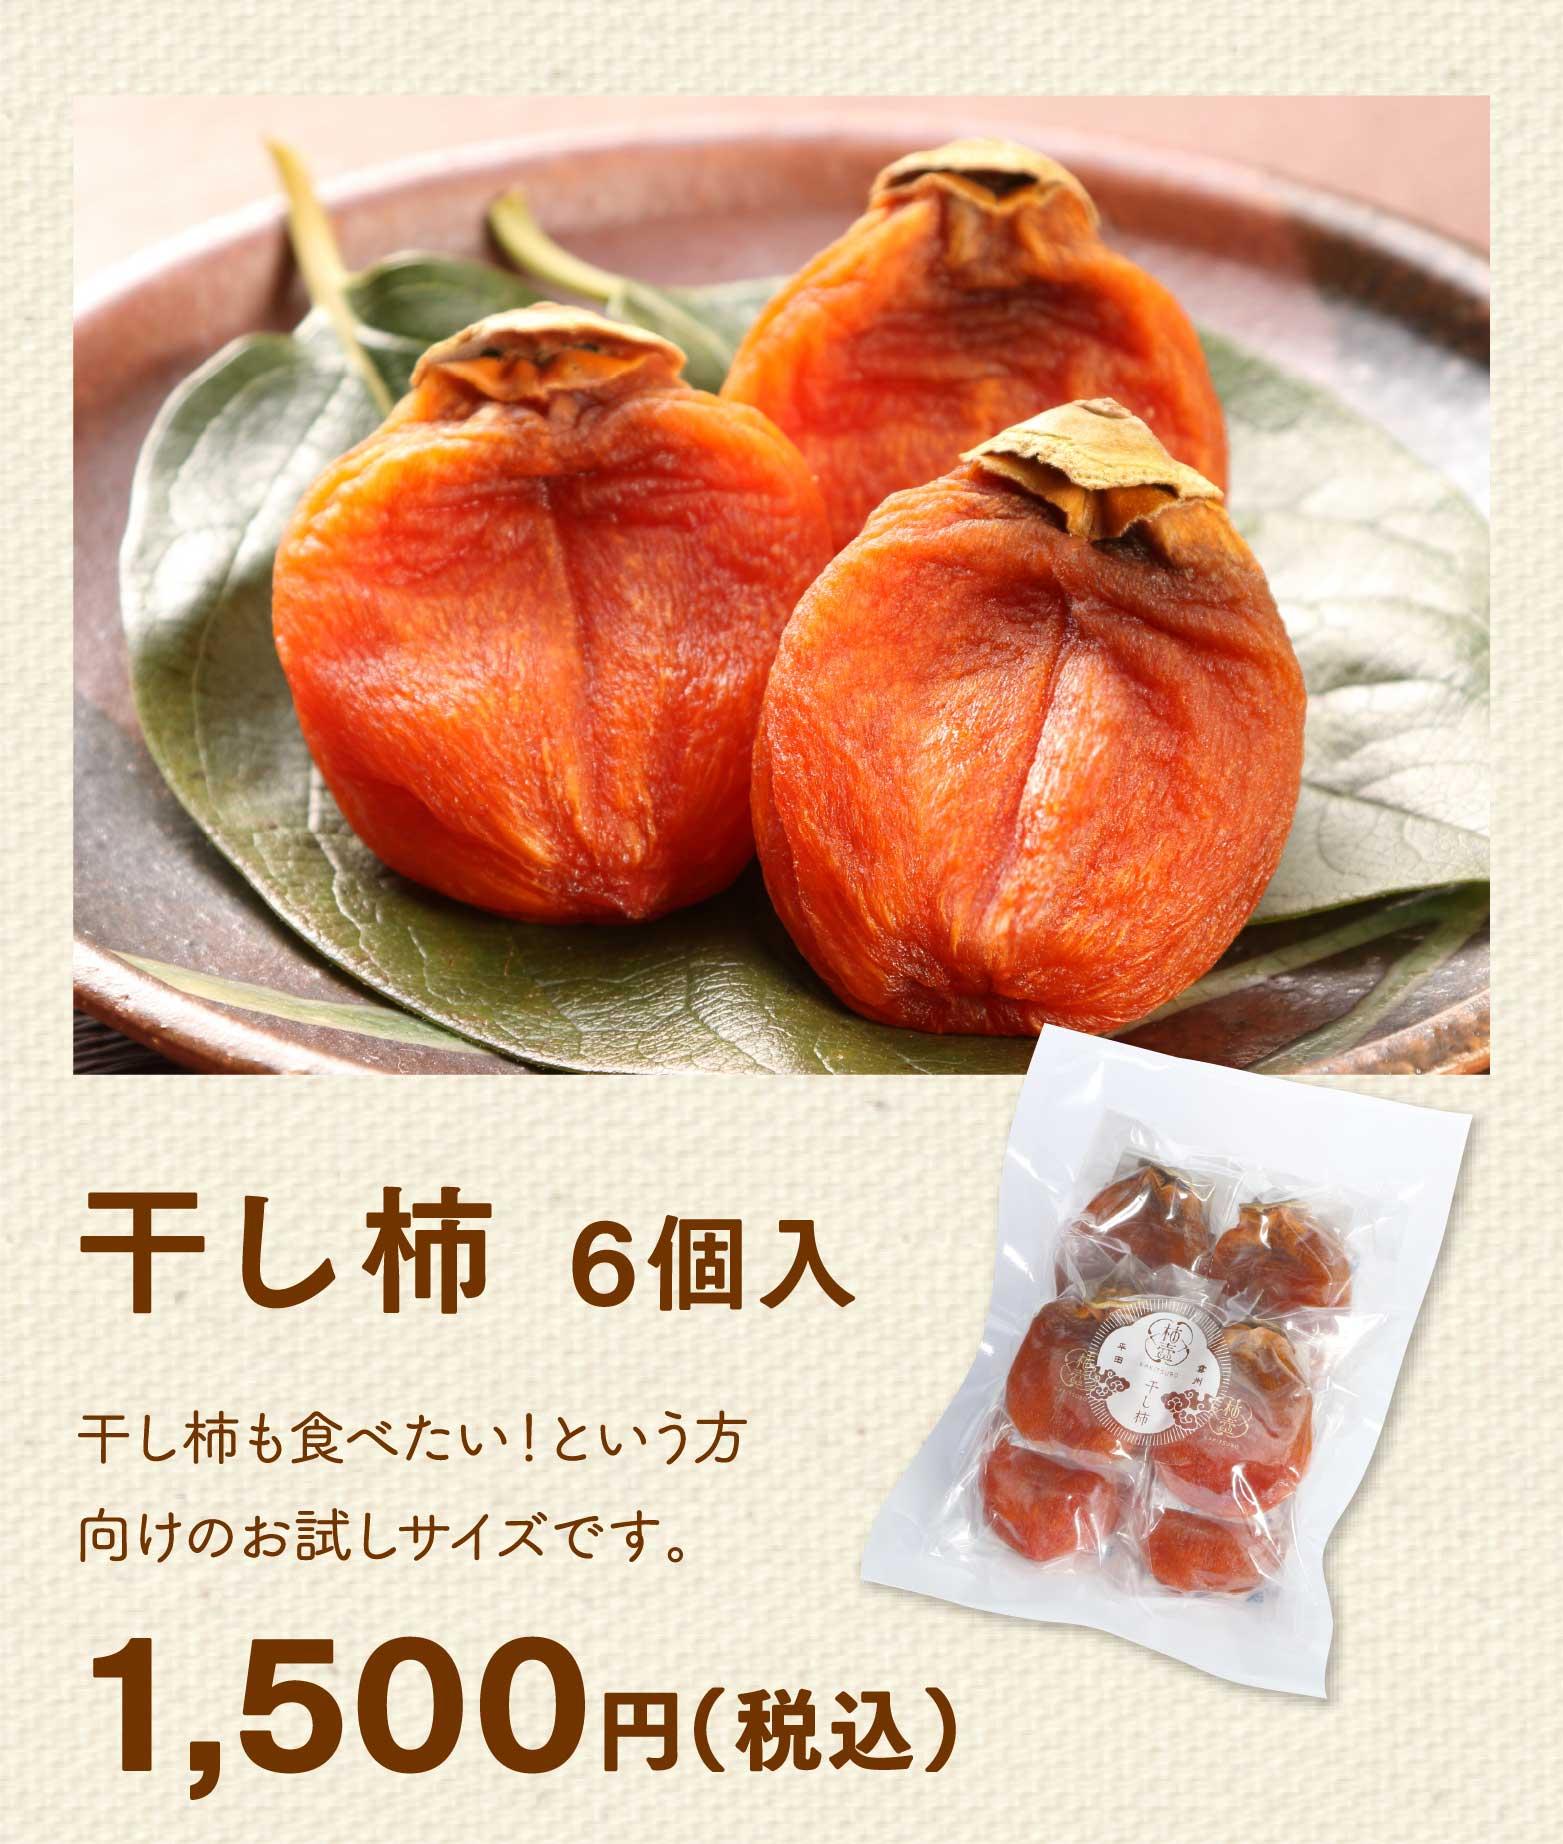 干し柿6個入。干し柿も食べたい!という方向けのお試しサイズです。1,500円(税込)